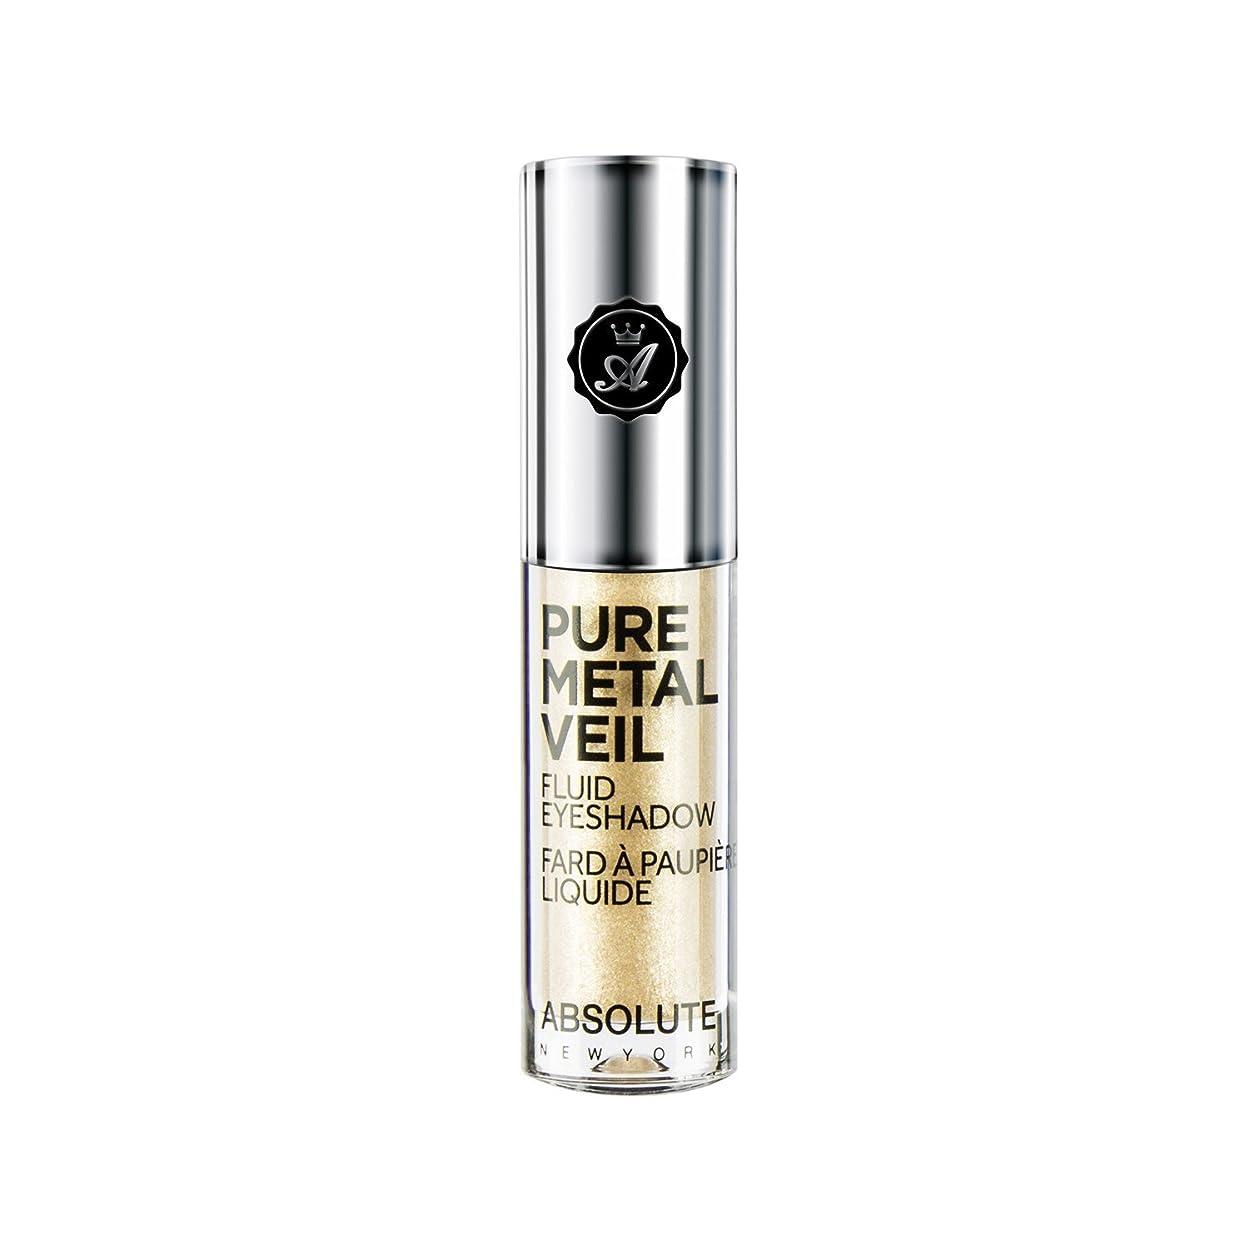 喉が渇いた容疑者旋律的(6 Pack) ABSOLUTE Pure Metal Veil Fluid Eyeshadow - Trust Fund (並行輸入品)